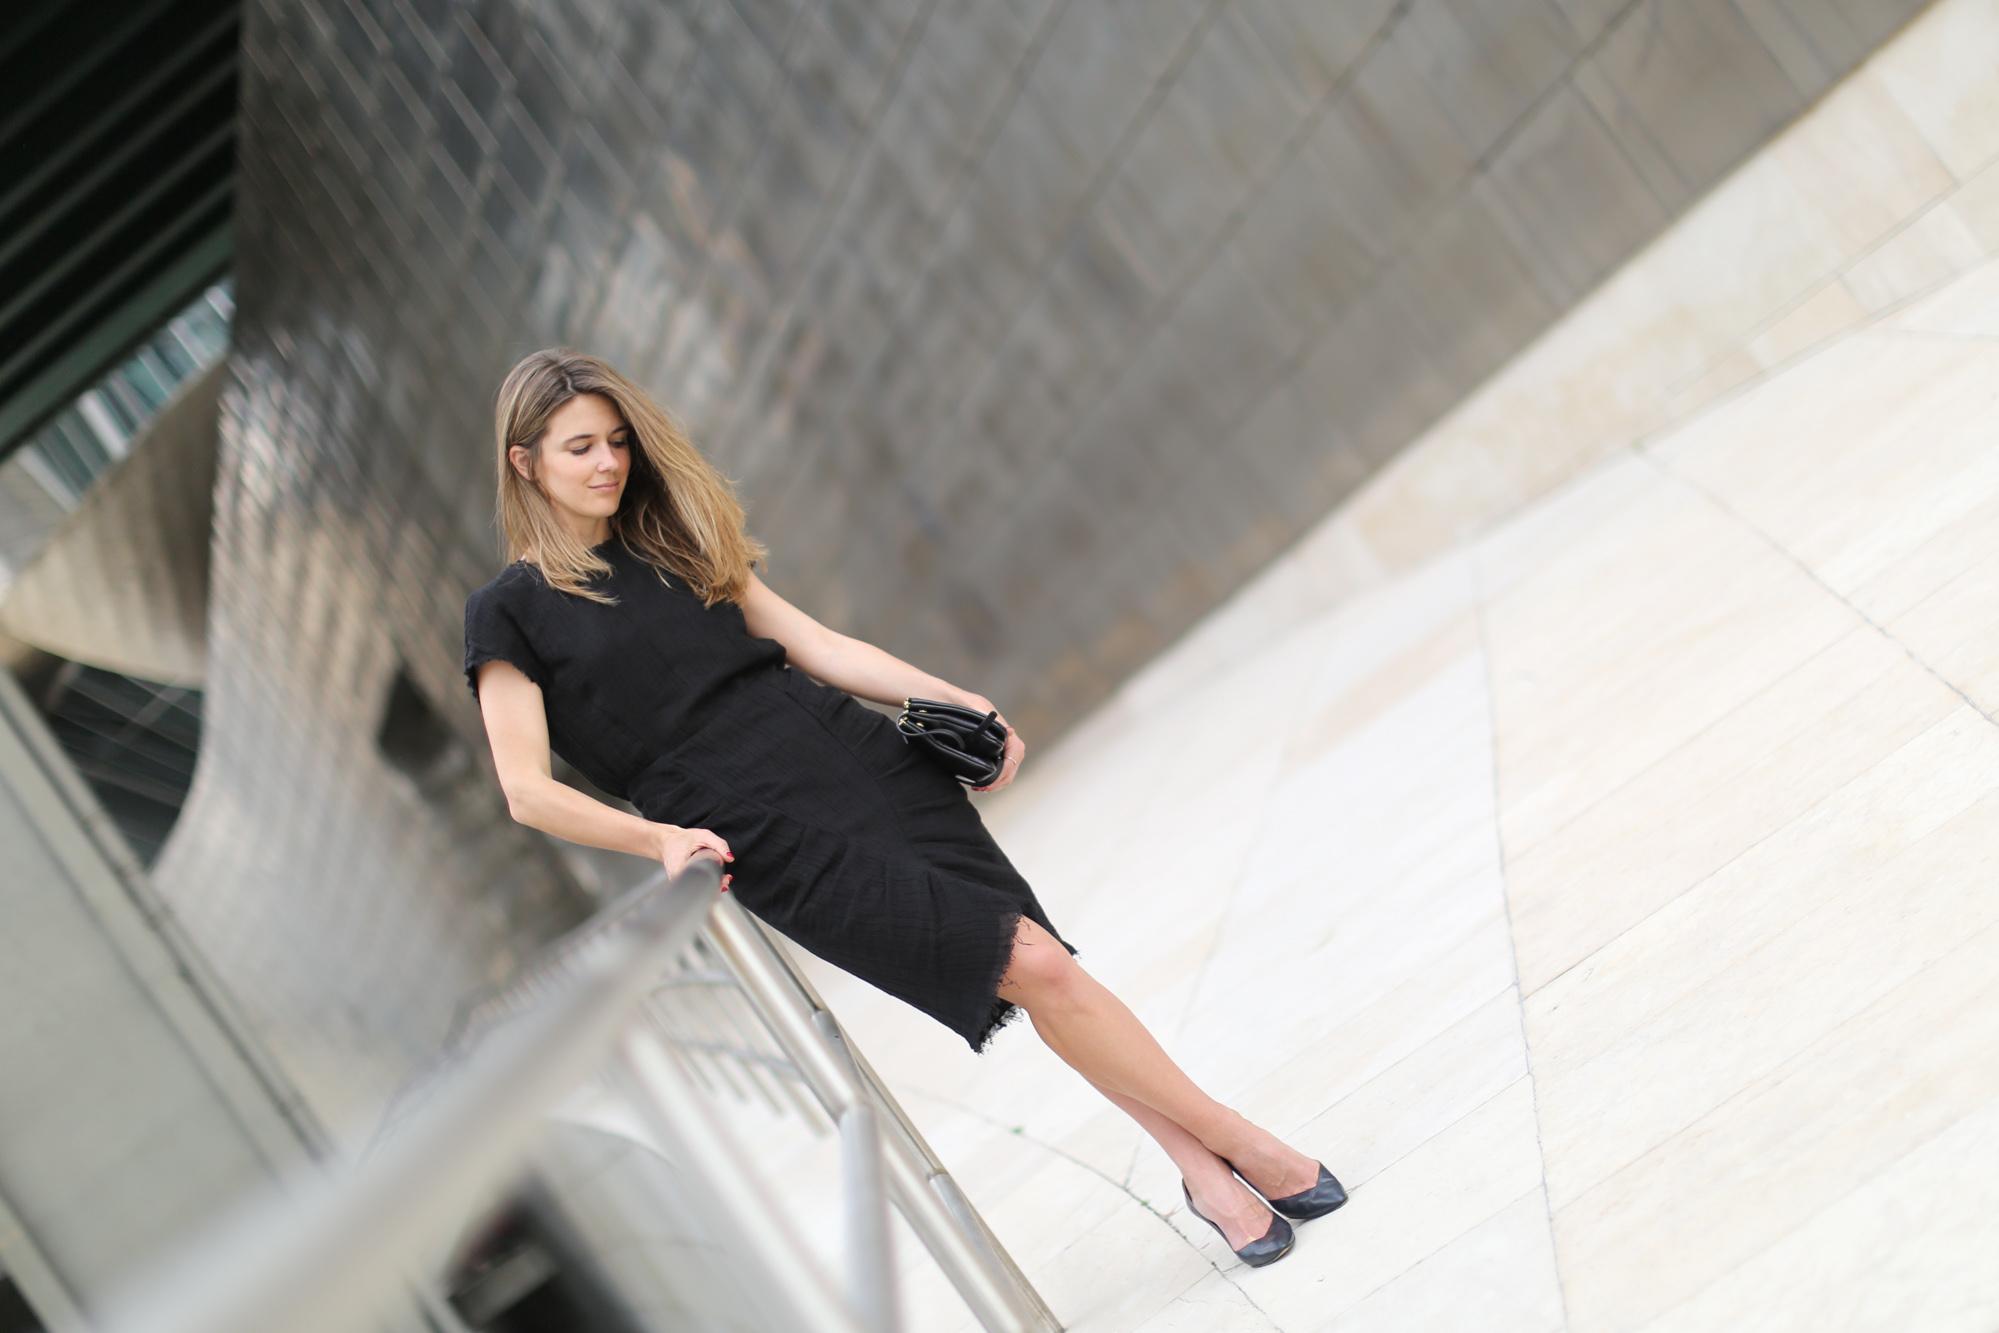 Clochet-maascob-linen-dress-trimmer-bilbao-18